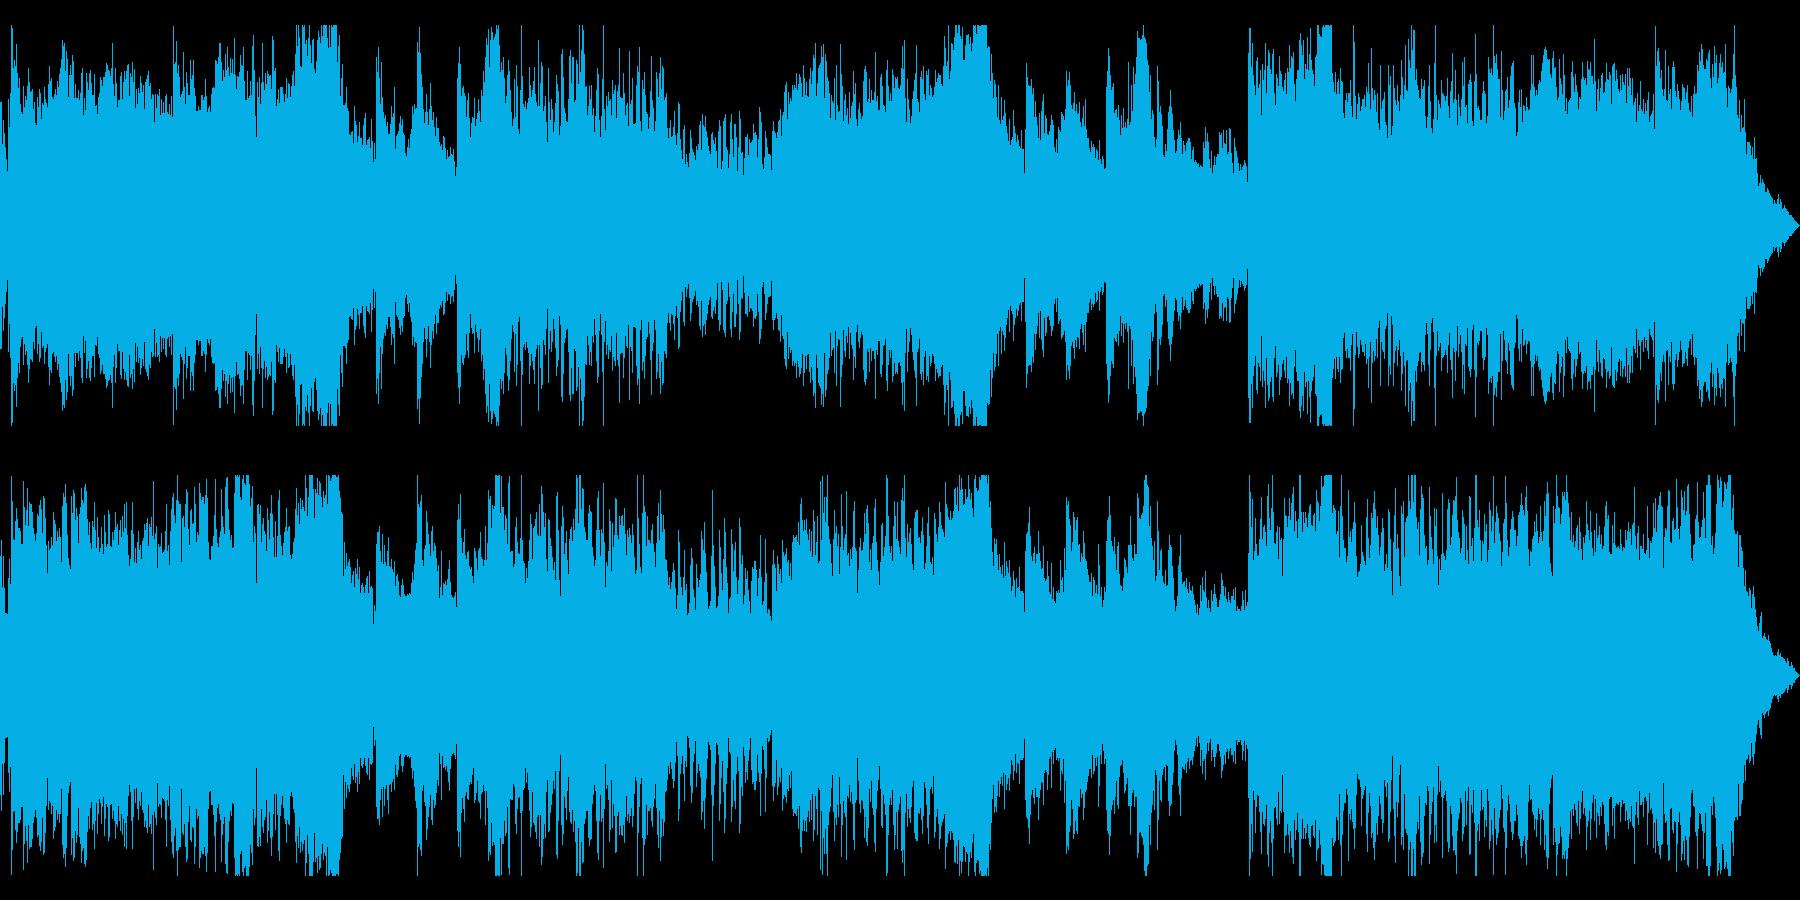 ファンタジー_勇ましく壮大なオーケストラの再生済みの波形